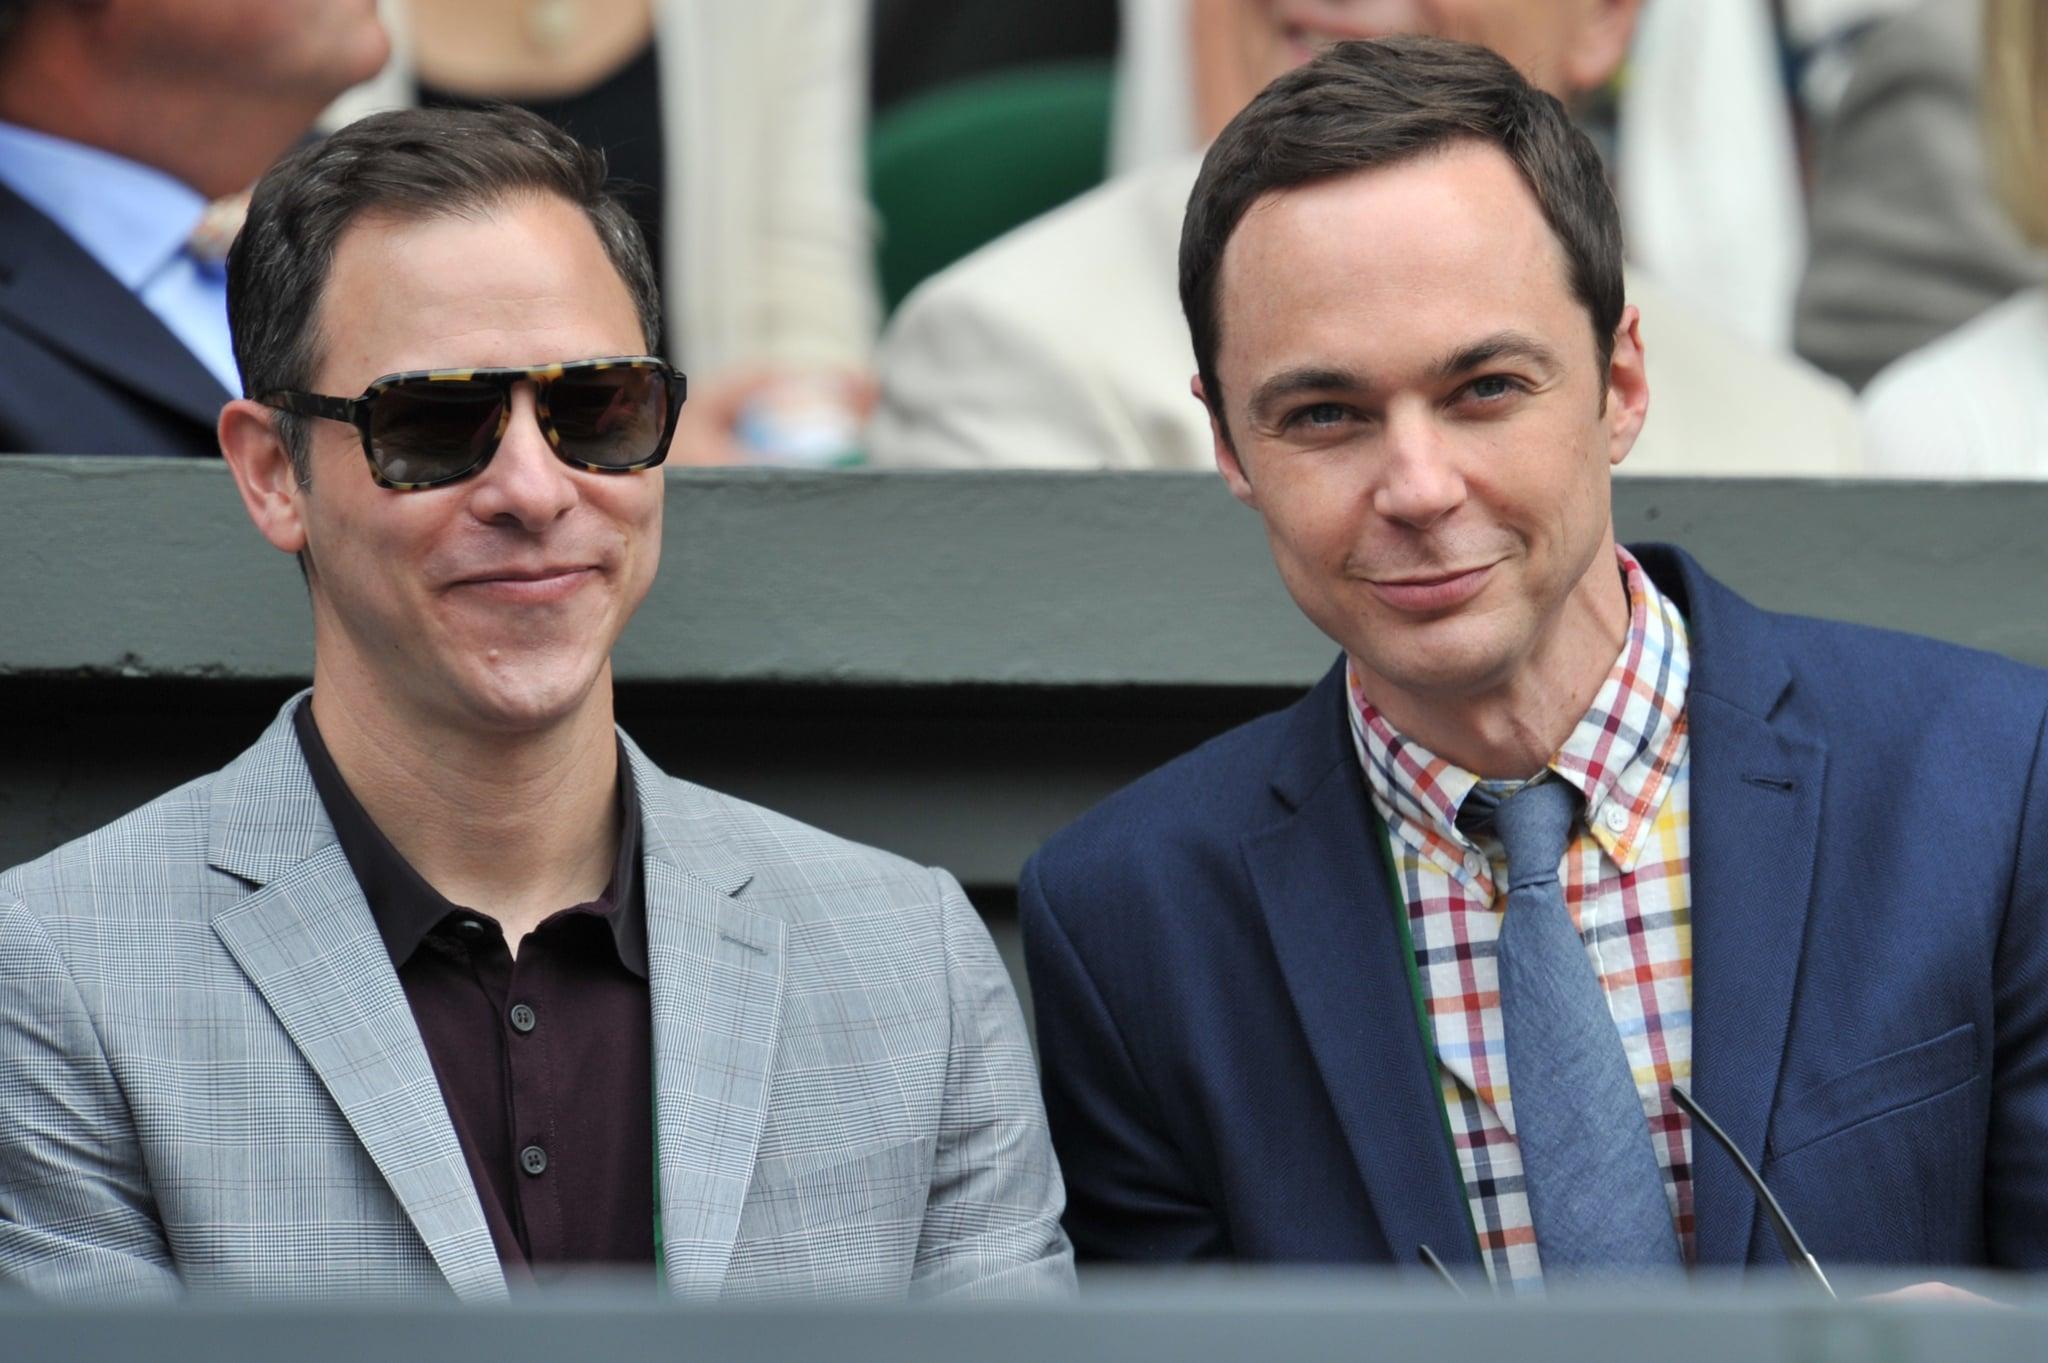 Jim Parsons and partner Todd Spiewak were gleeful.